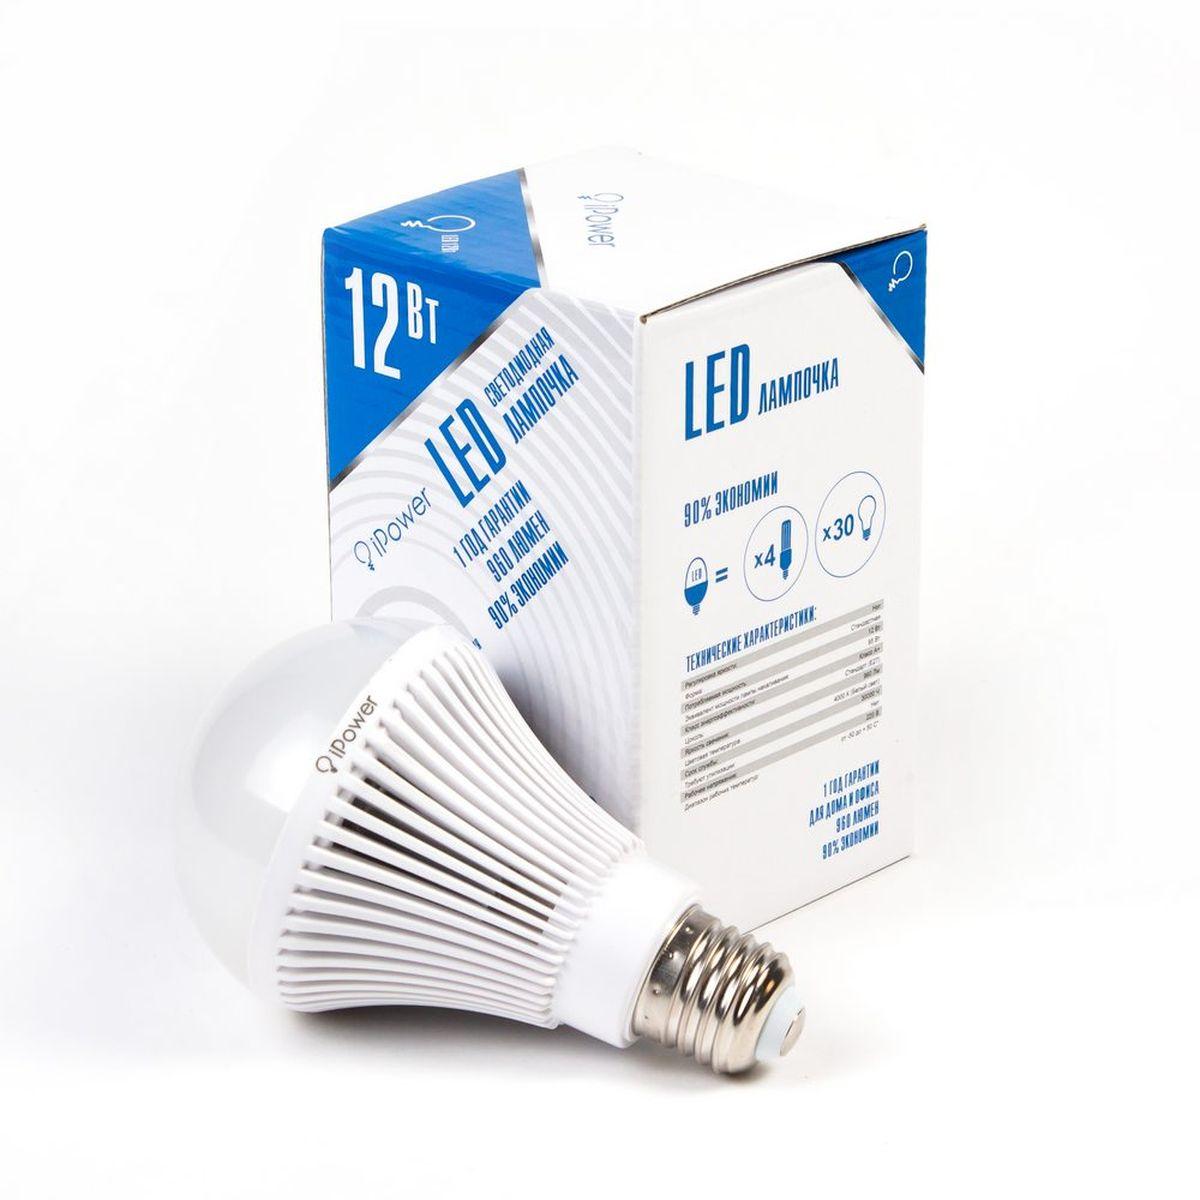 Лампа светодиодная iPower, цоколь Е27, 12W, 4000К1001955Светодиодная лампа iPower имеет очень низкое энергопотребление. В сравнении с лампами накаливания LED потребляет в 12 раз меньше электричества, а в сравнении с энергосберегающими - в 2-4 раза меньше. При этом срок службы LED лампочки в 5 раз выше, чем энергосберегающей, и в 50 раз выше, чем у лампы накаливания. Светодиодная лампа iPower создает мягкий рассеивающий свет без мерцаний, что совершенно безопасно для глаз. Она специально разработана по требованиям российских и европейских законов и подходит ко всем осветительным устройствам, совместимым со стандартным цоколем E27. Использование светодиодов от мирового лидера Epistar - это залог надежной и стабильной работы лампы. Нейтральный белый оттенок свечения идеально подойдёт для освещения, как офисов, образовательных и медицинских учреждений, так и кухни, гостиной. Диапазон рабочих температур: от -50°C до +50°С. Материал: алюминий, поликарбонат. Потребляемая мощность: 12 Вт. Рабочее напряжение: 220В....